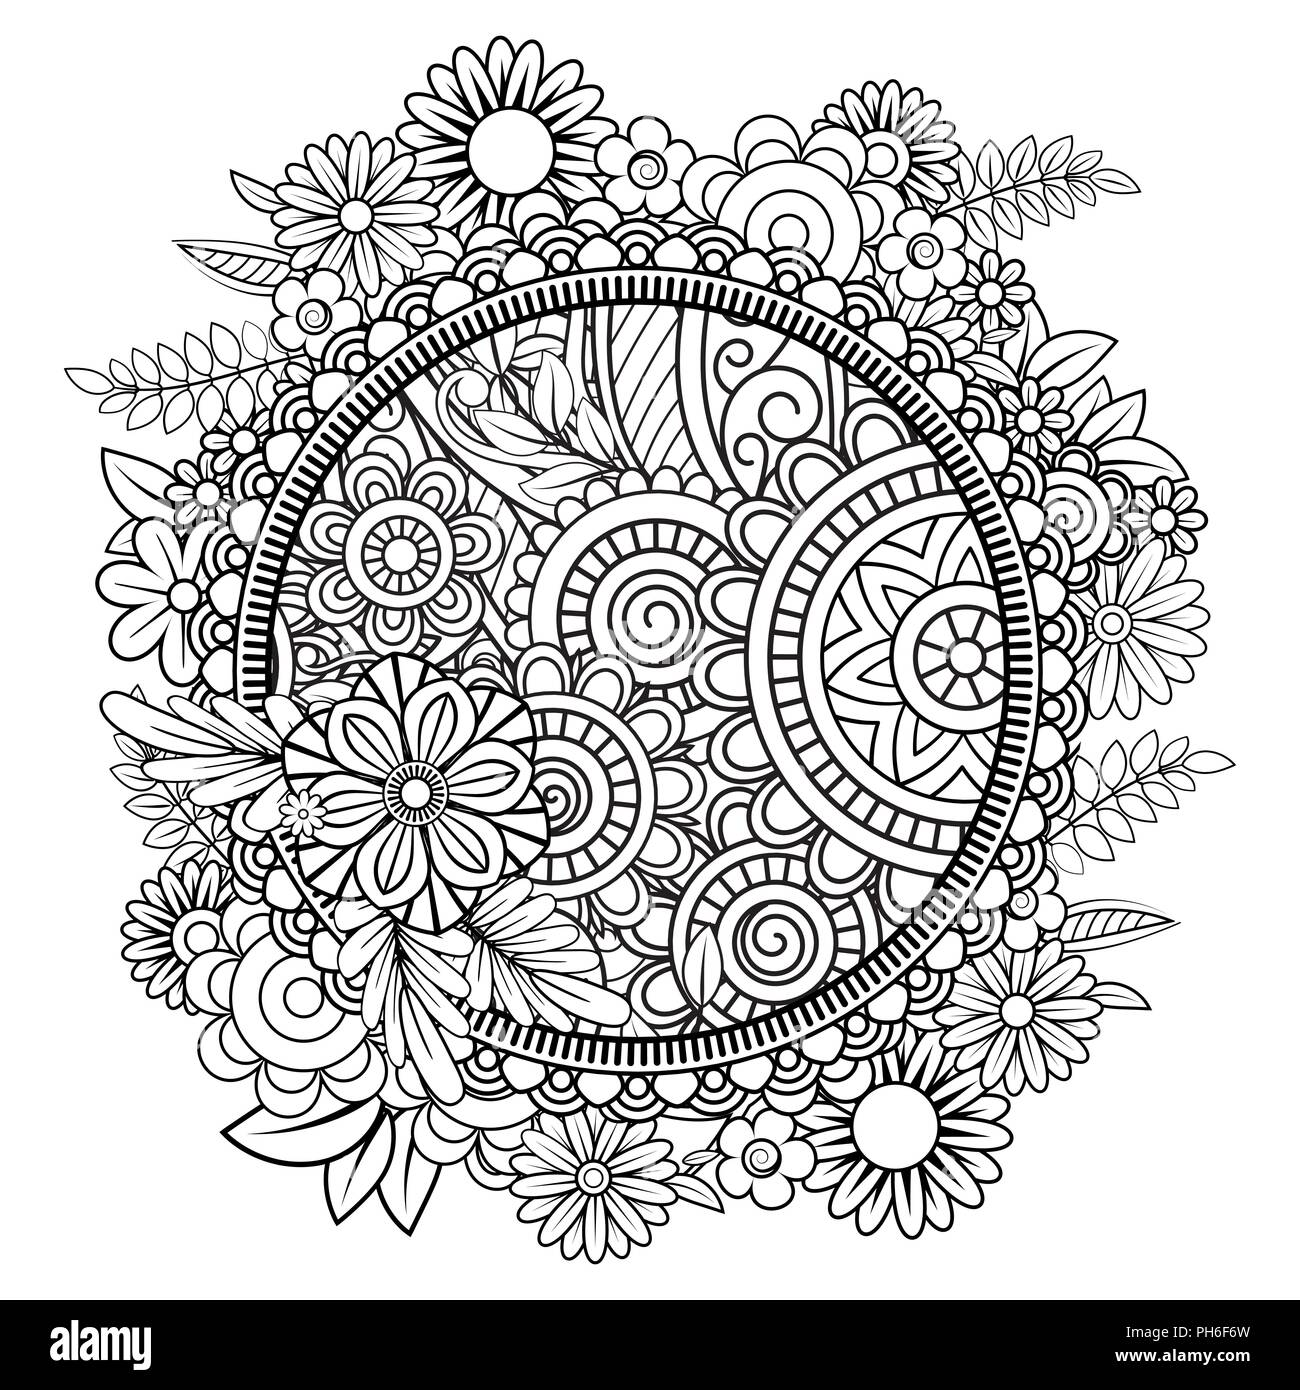 Des Profils Coloriage Avec Motif Fleurs Doodle Noir Et